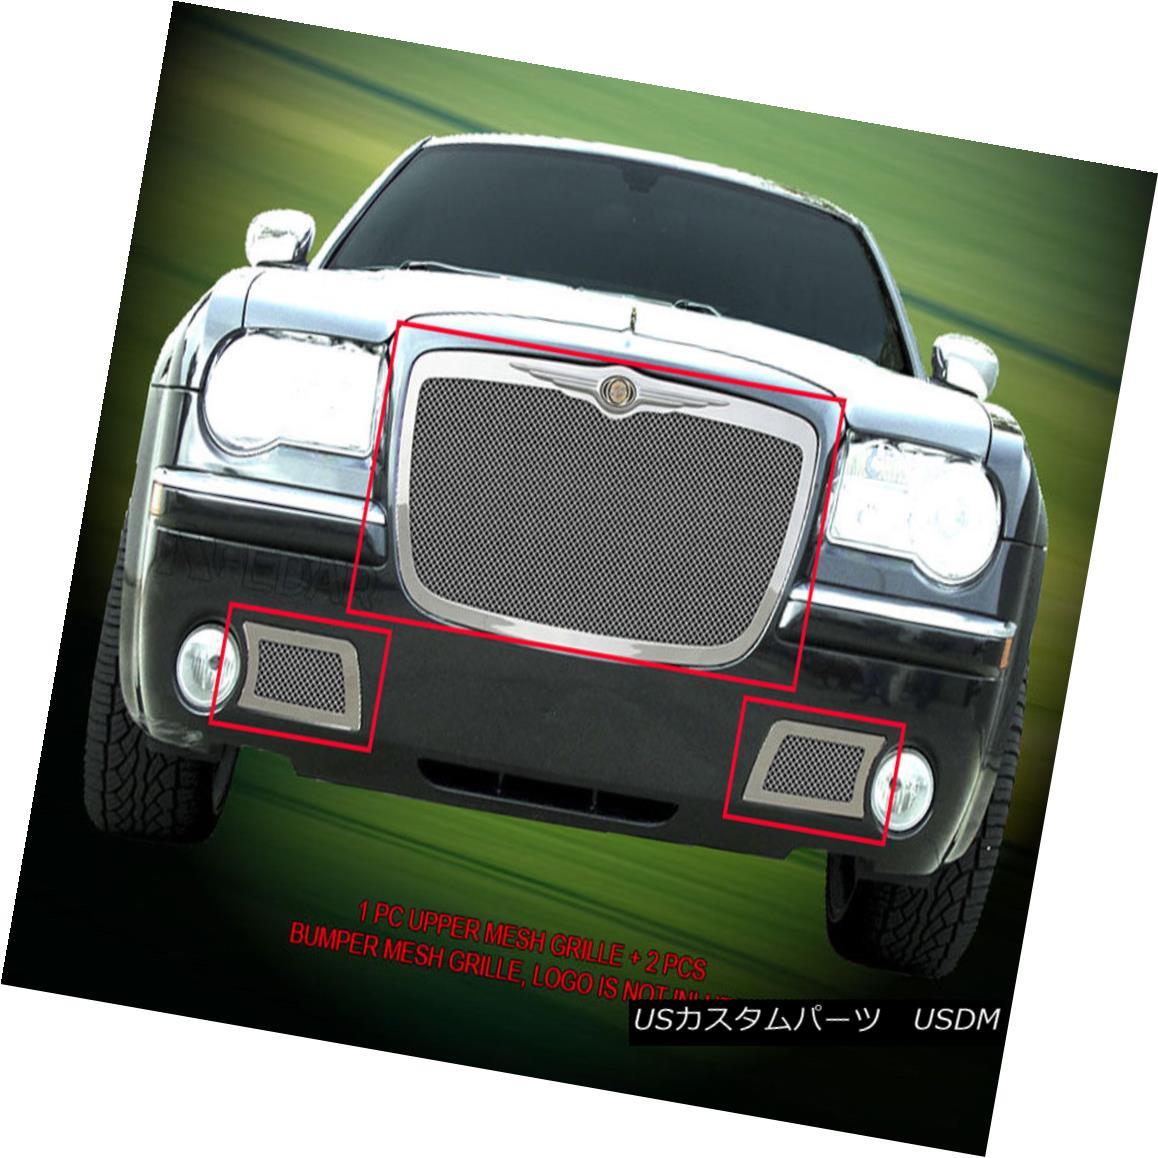 グリル 05-10 Chrysler 300/300C Stainless Steel Mesh Grille Combo Insert Fedar 05-10クライスラー300 / 300Cステンレスメッシュグリルコンボインサートフェルダ